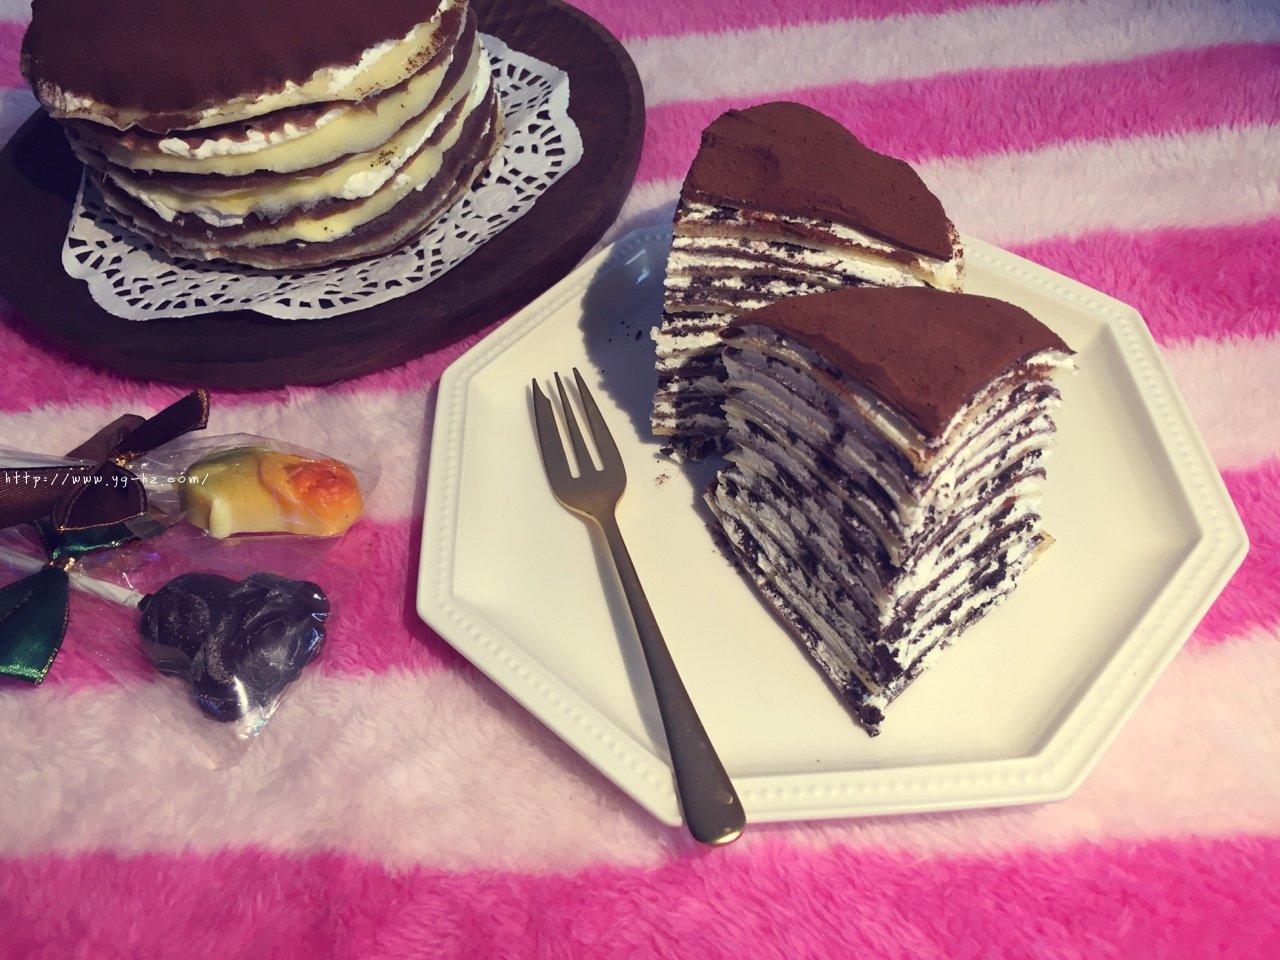 奥利奥双色千层蛋糕的做法